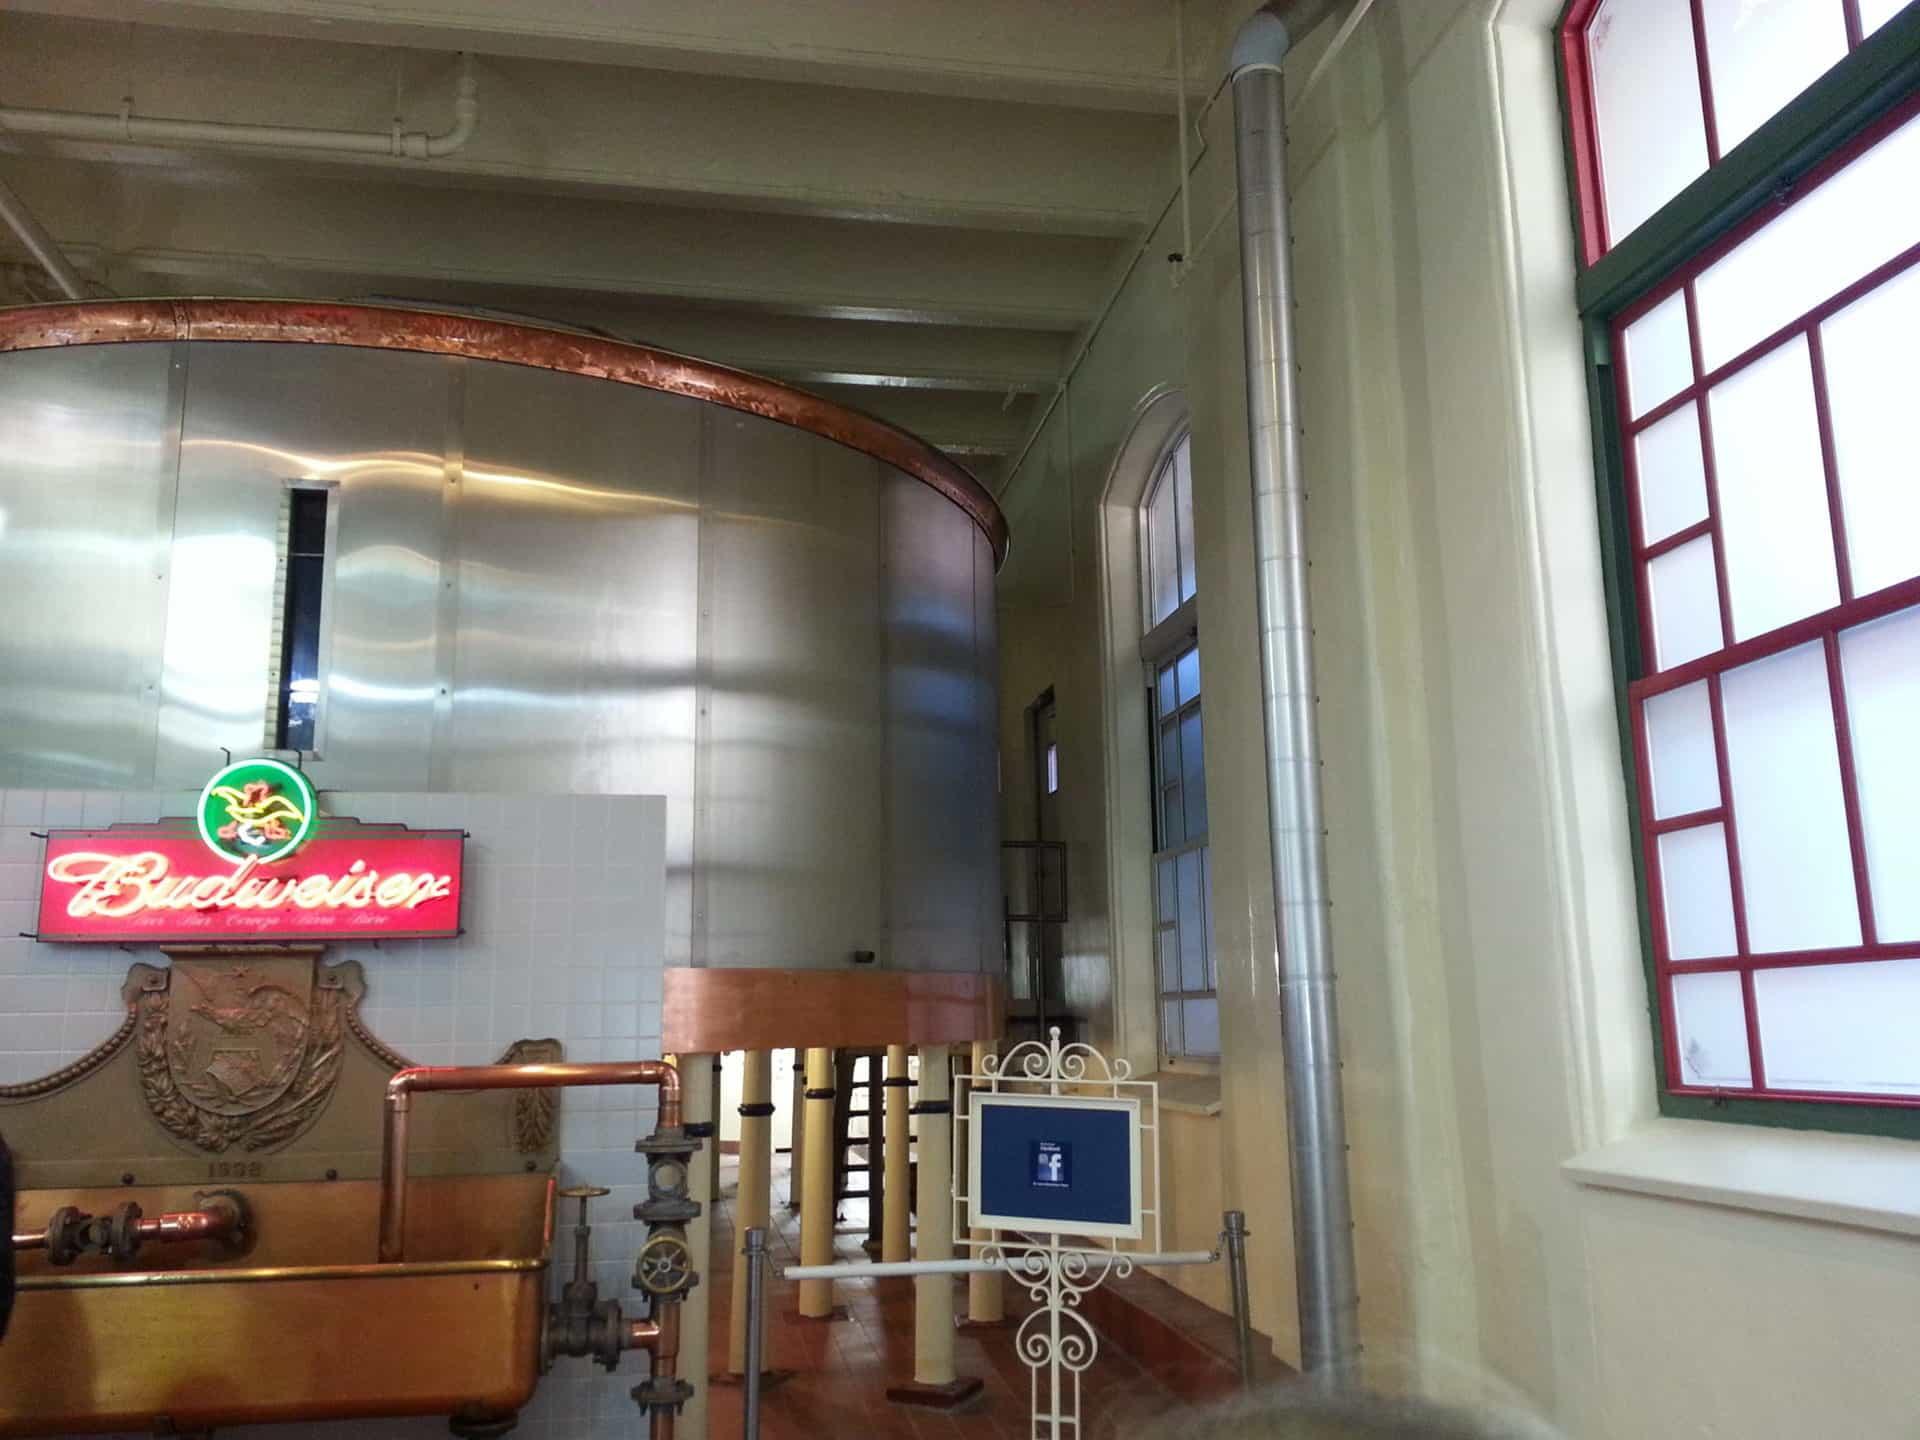 Budweiser Brewery Tour, St. Louis, MO - Beer vats